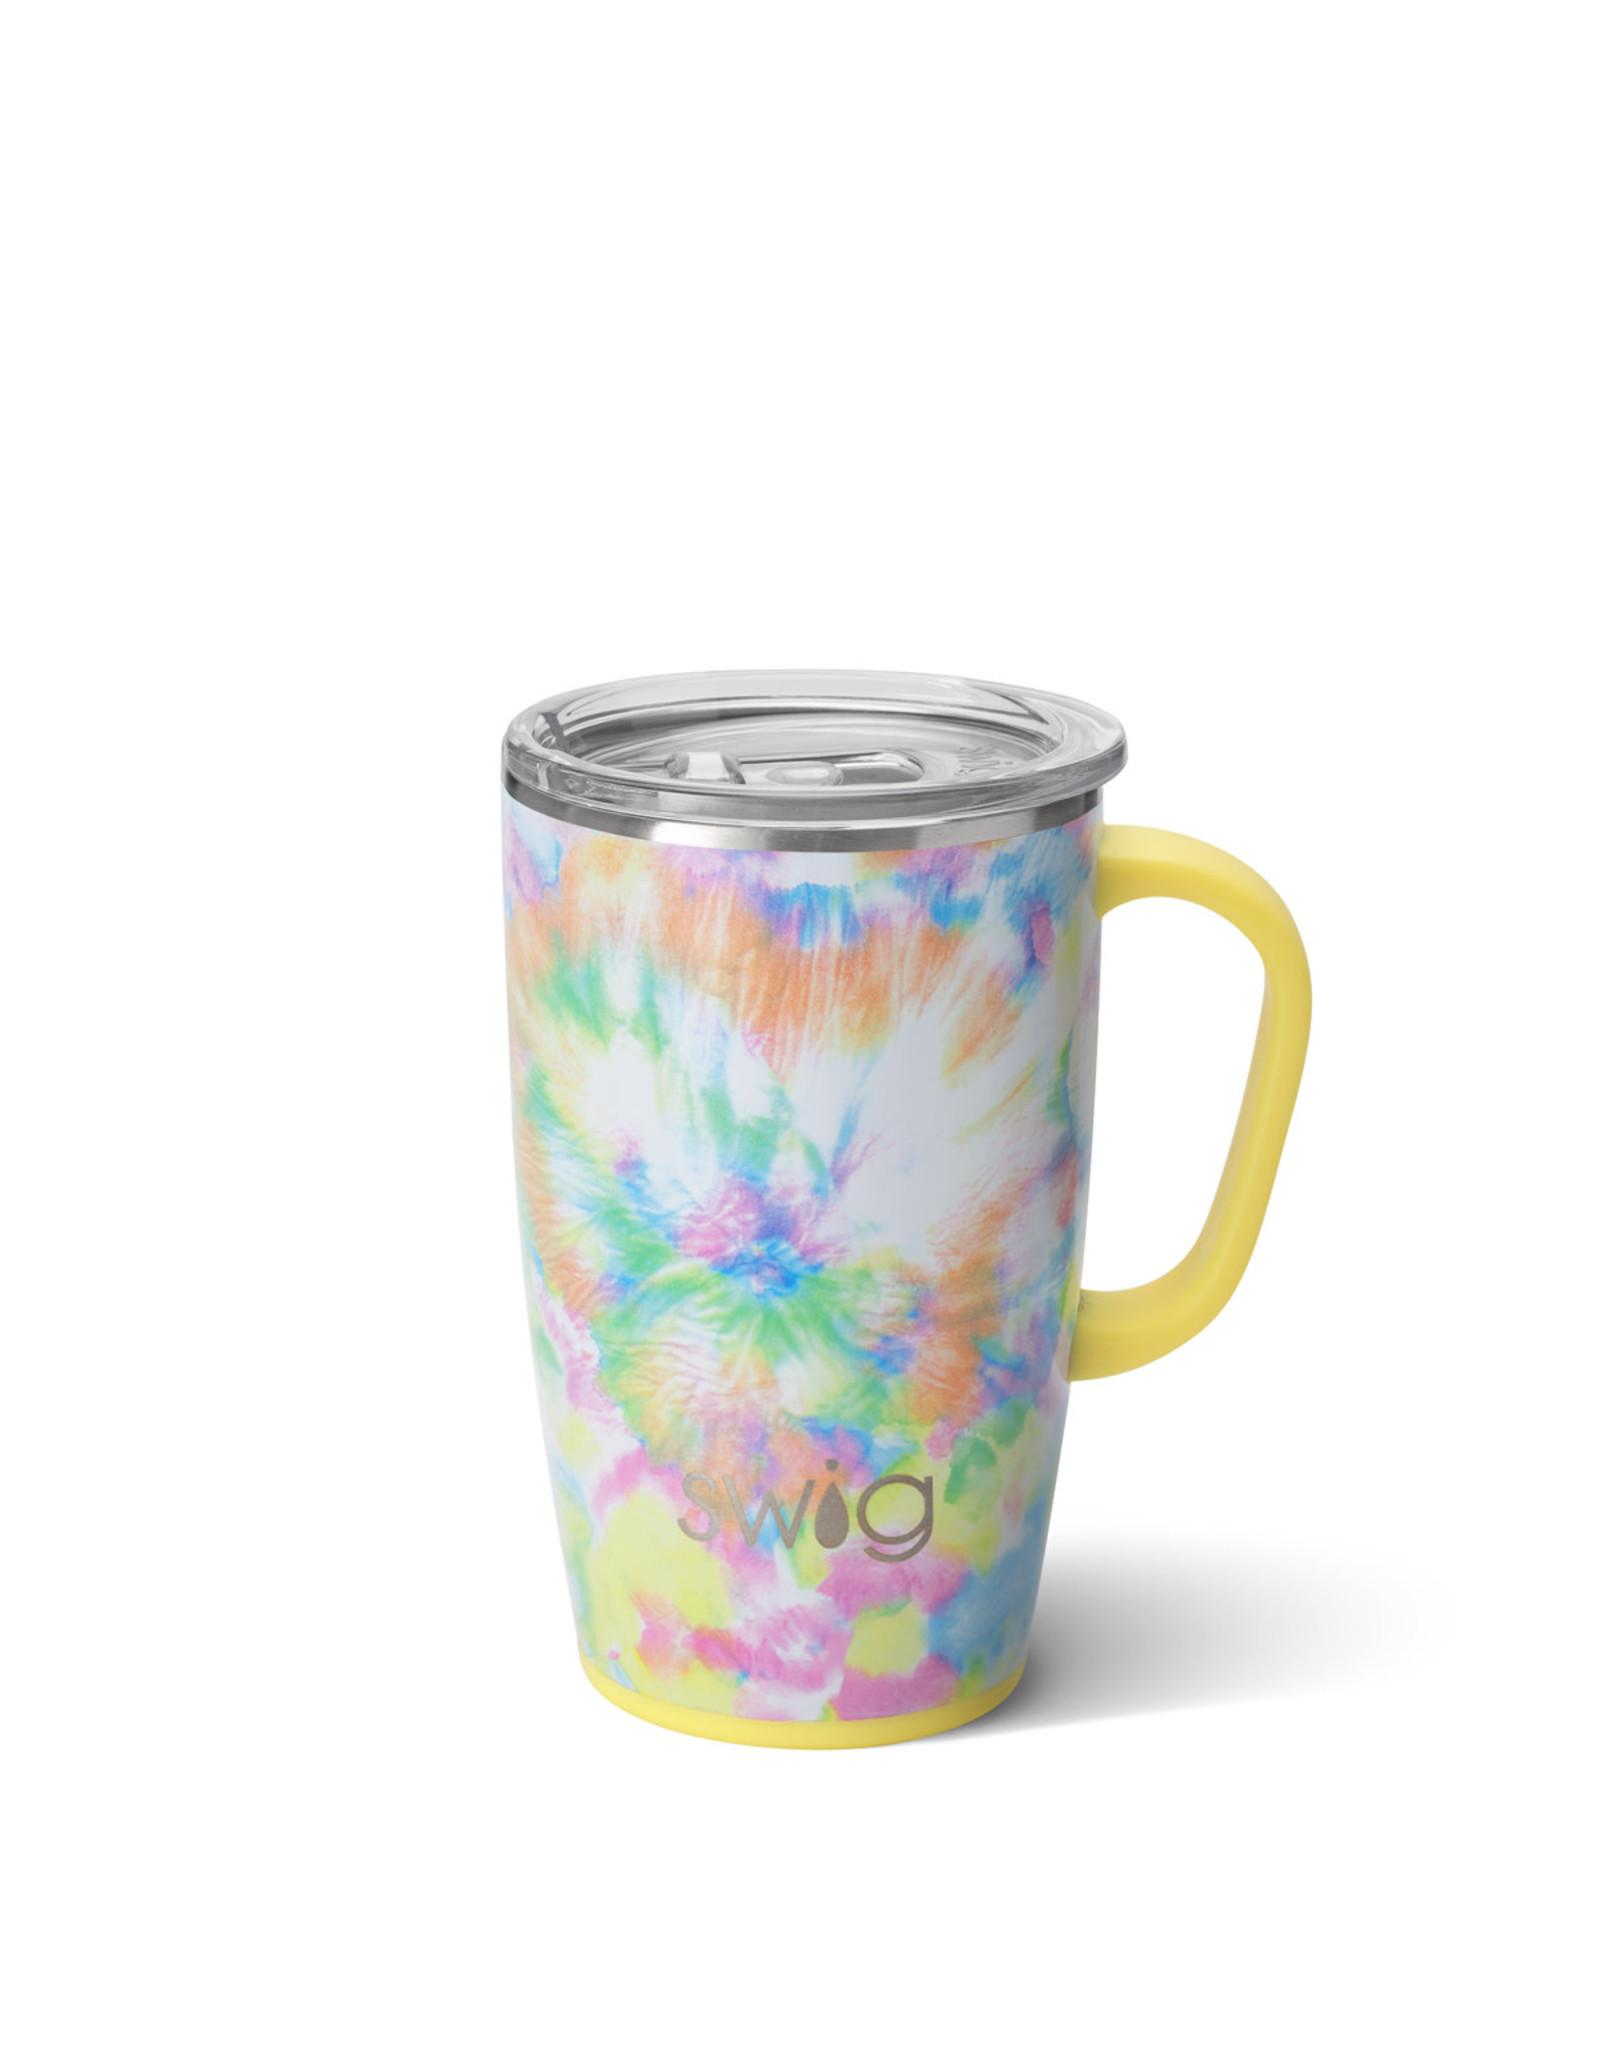 Glow Girl mug